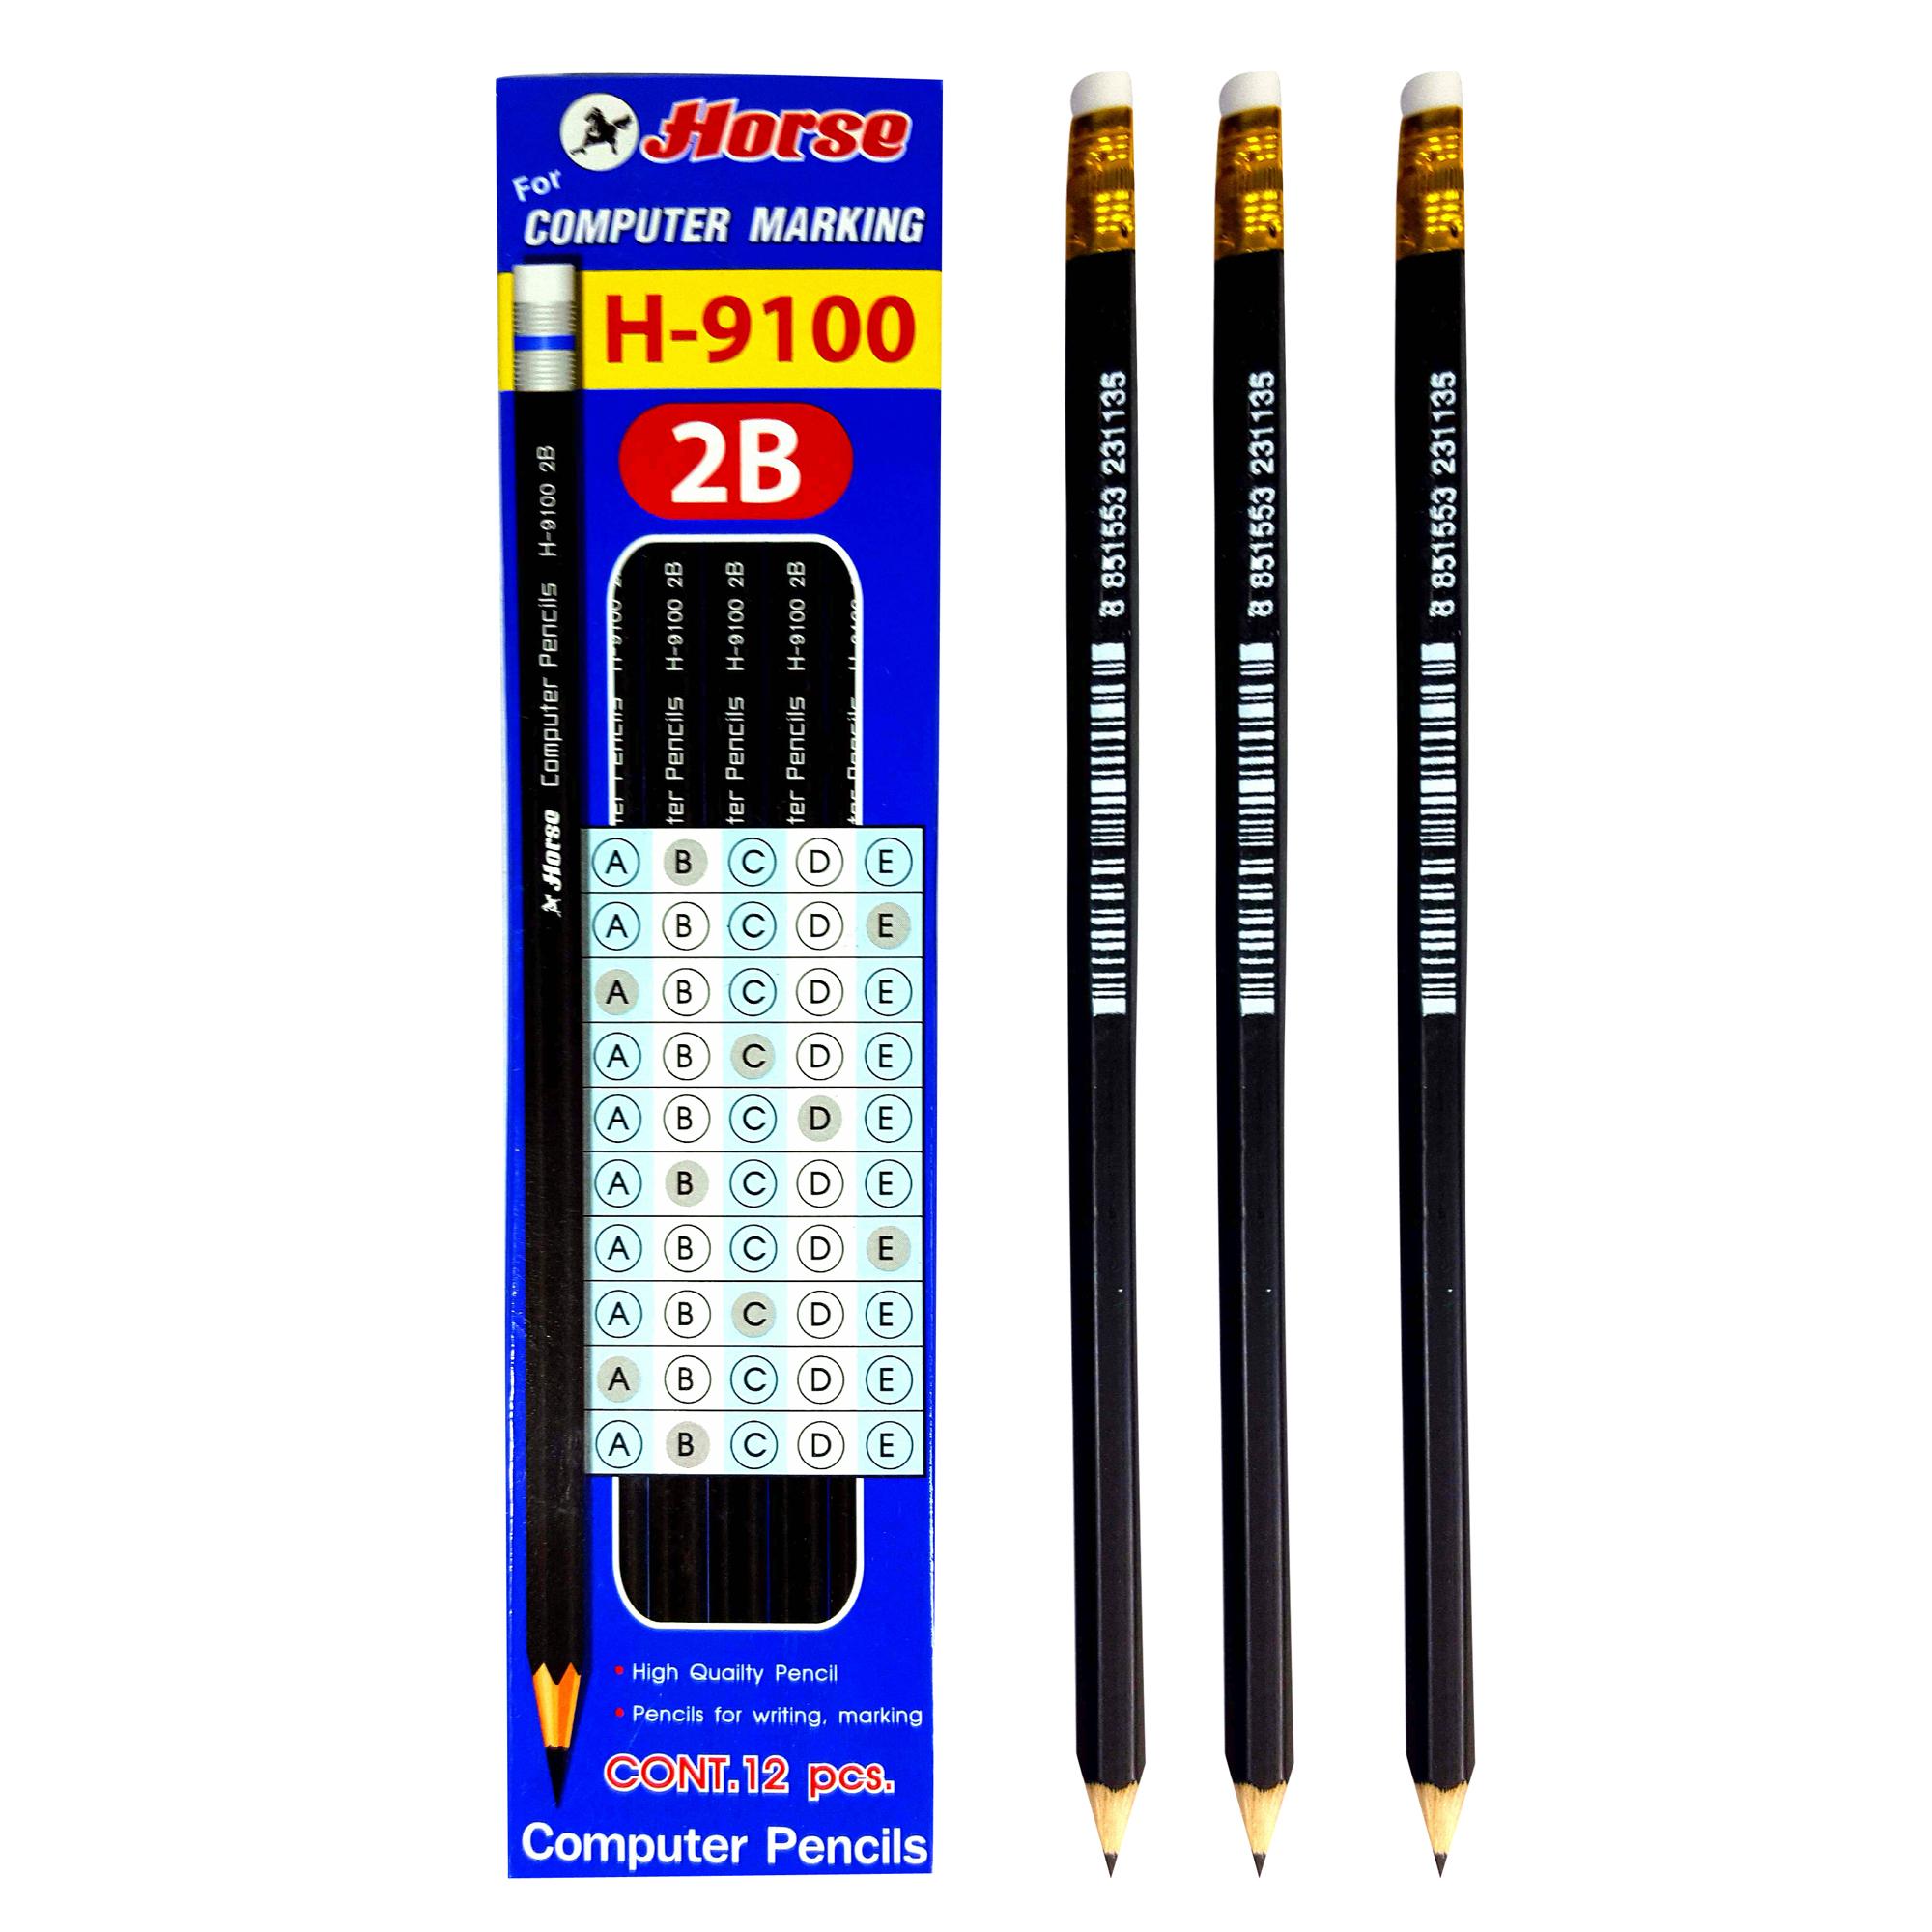 ดินสอ 2B  ตราม้า H-9100